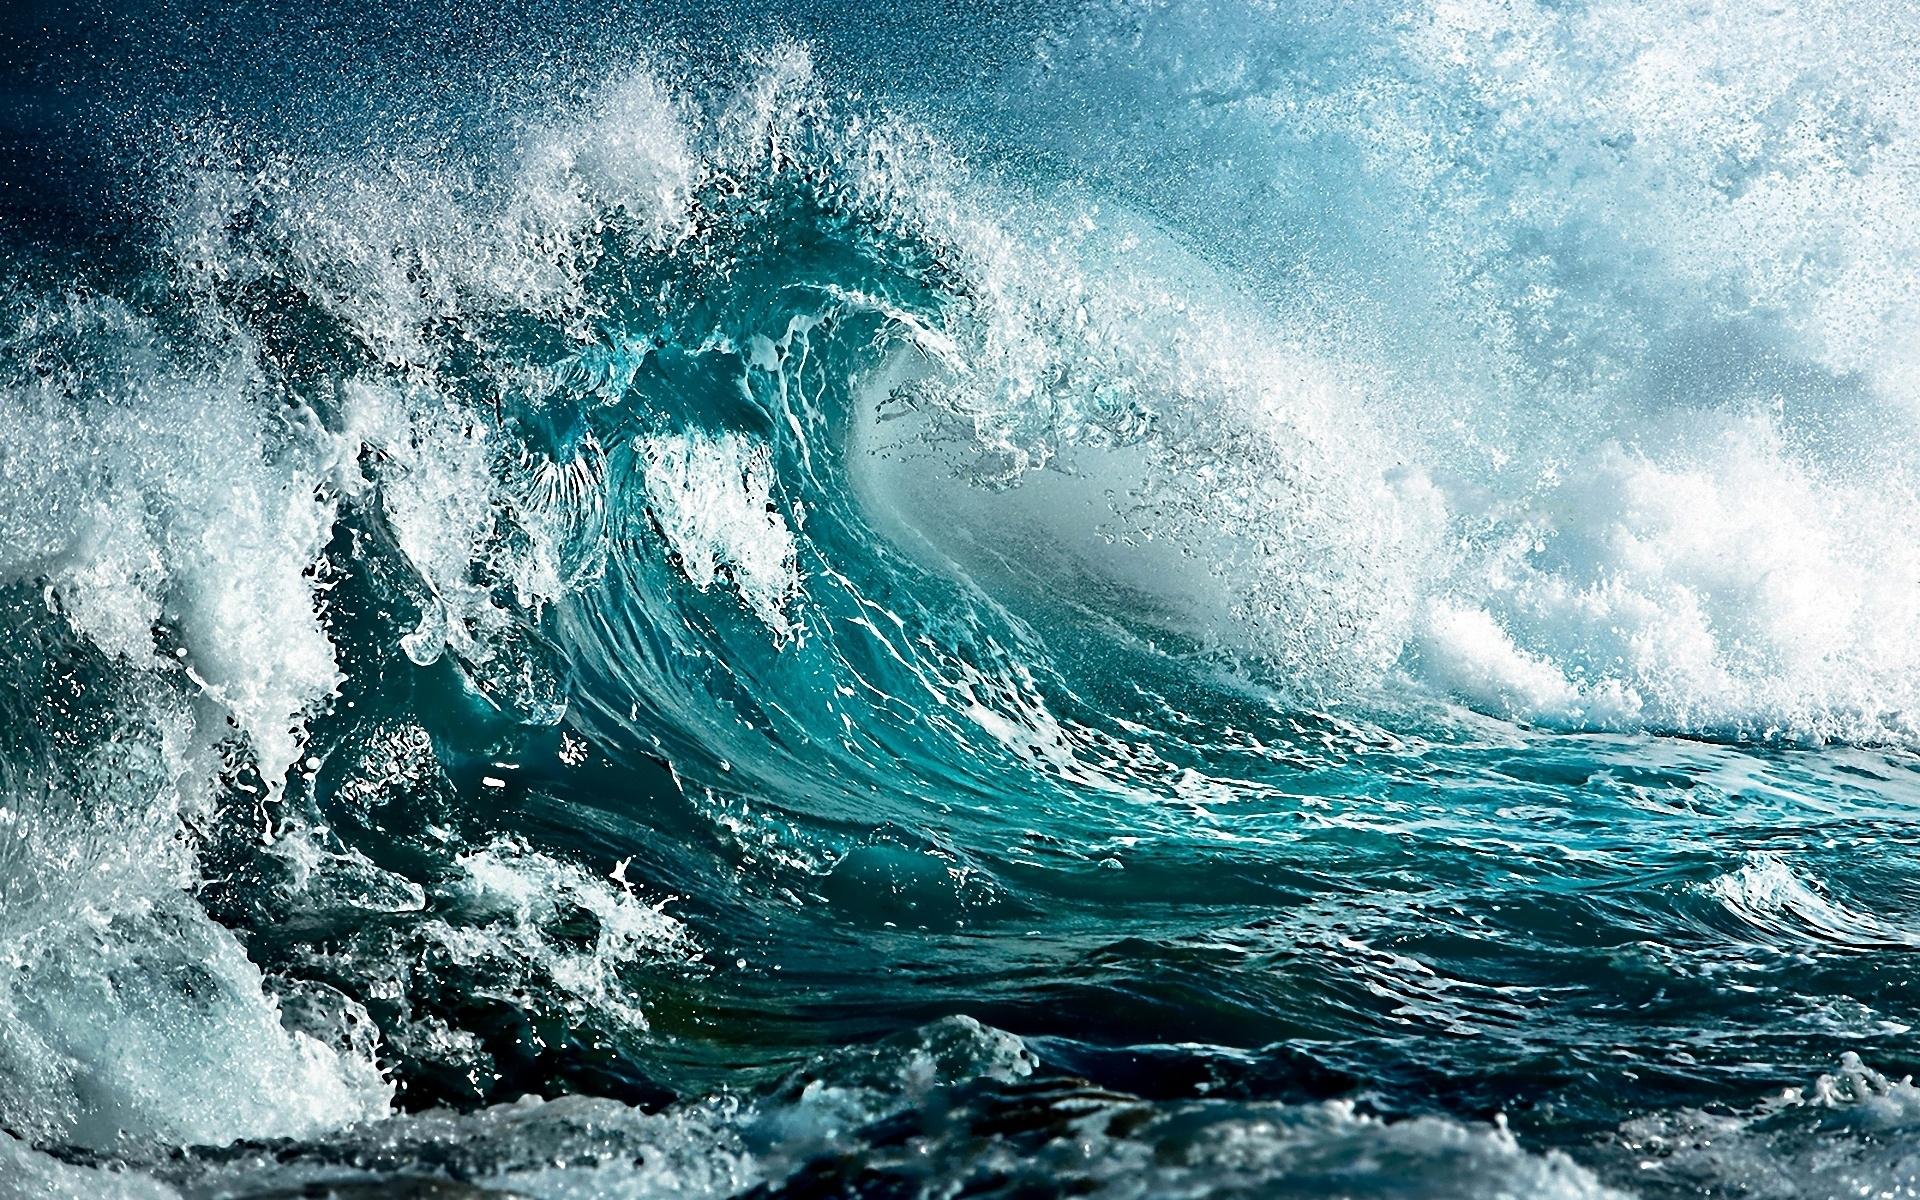 Wallpaper Sea Wave Storm Art Colors 1920x1200